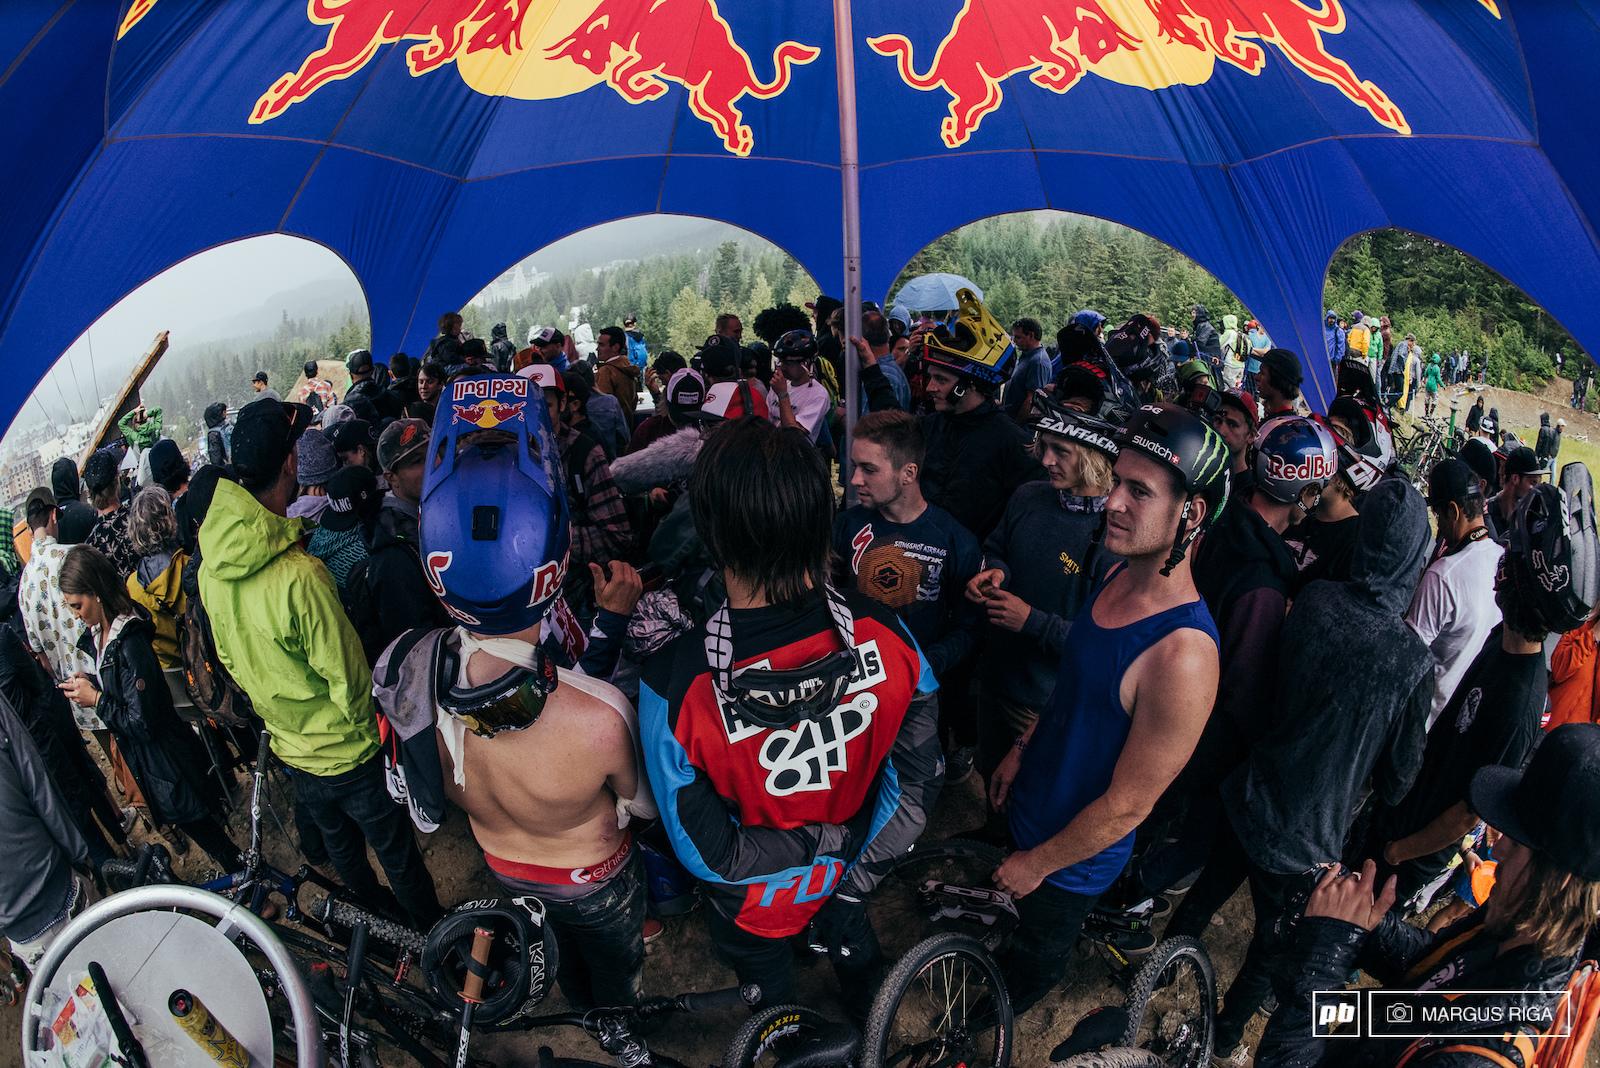 Red Bull Joyride Crankworx Whistler 2015